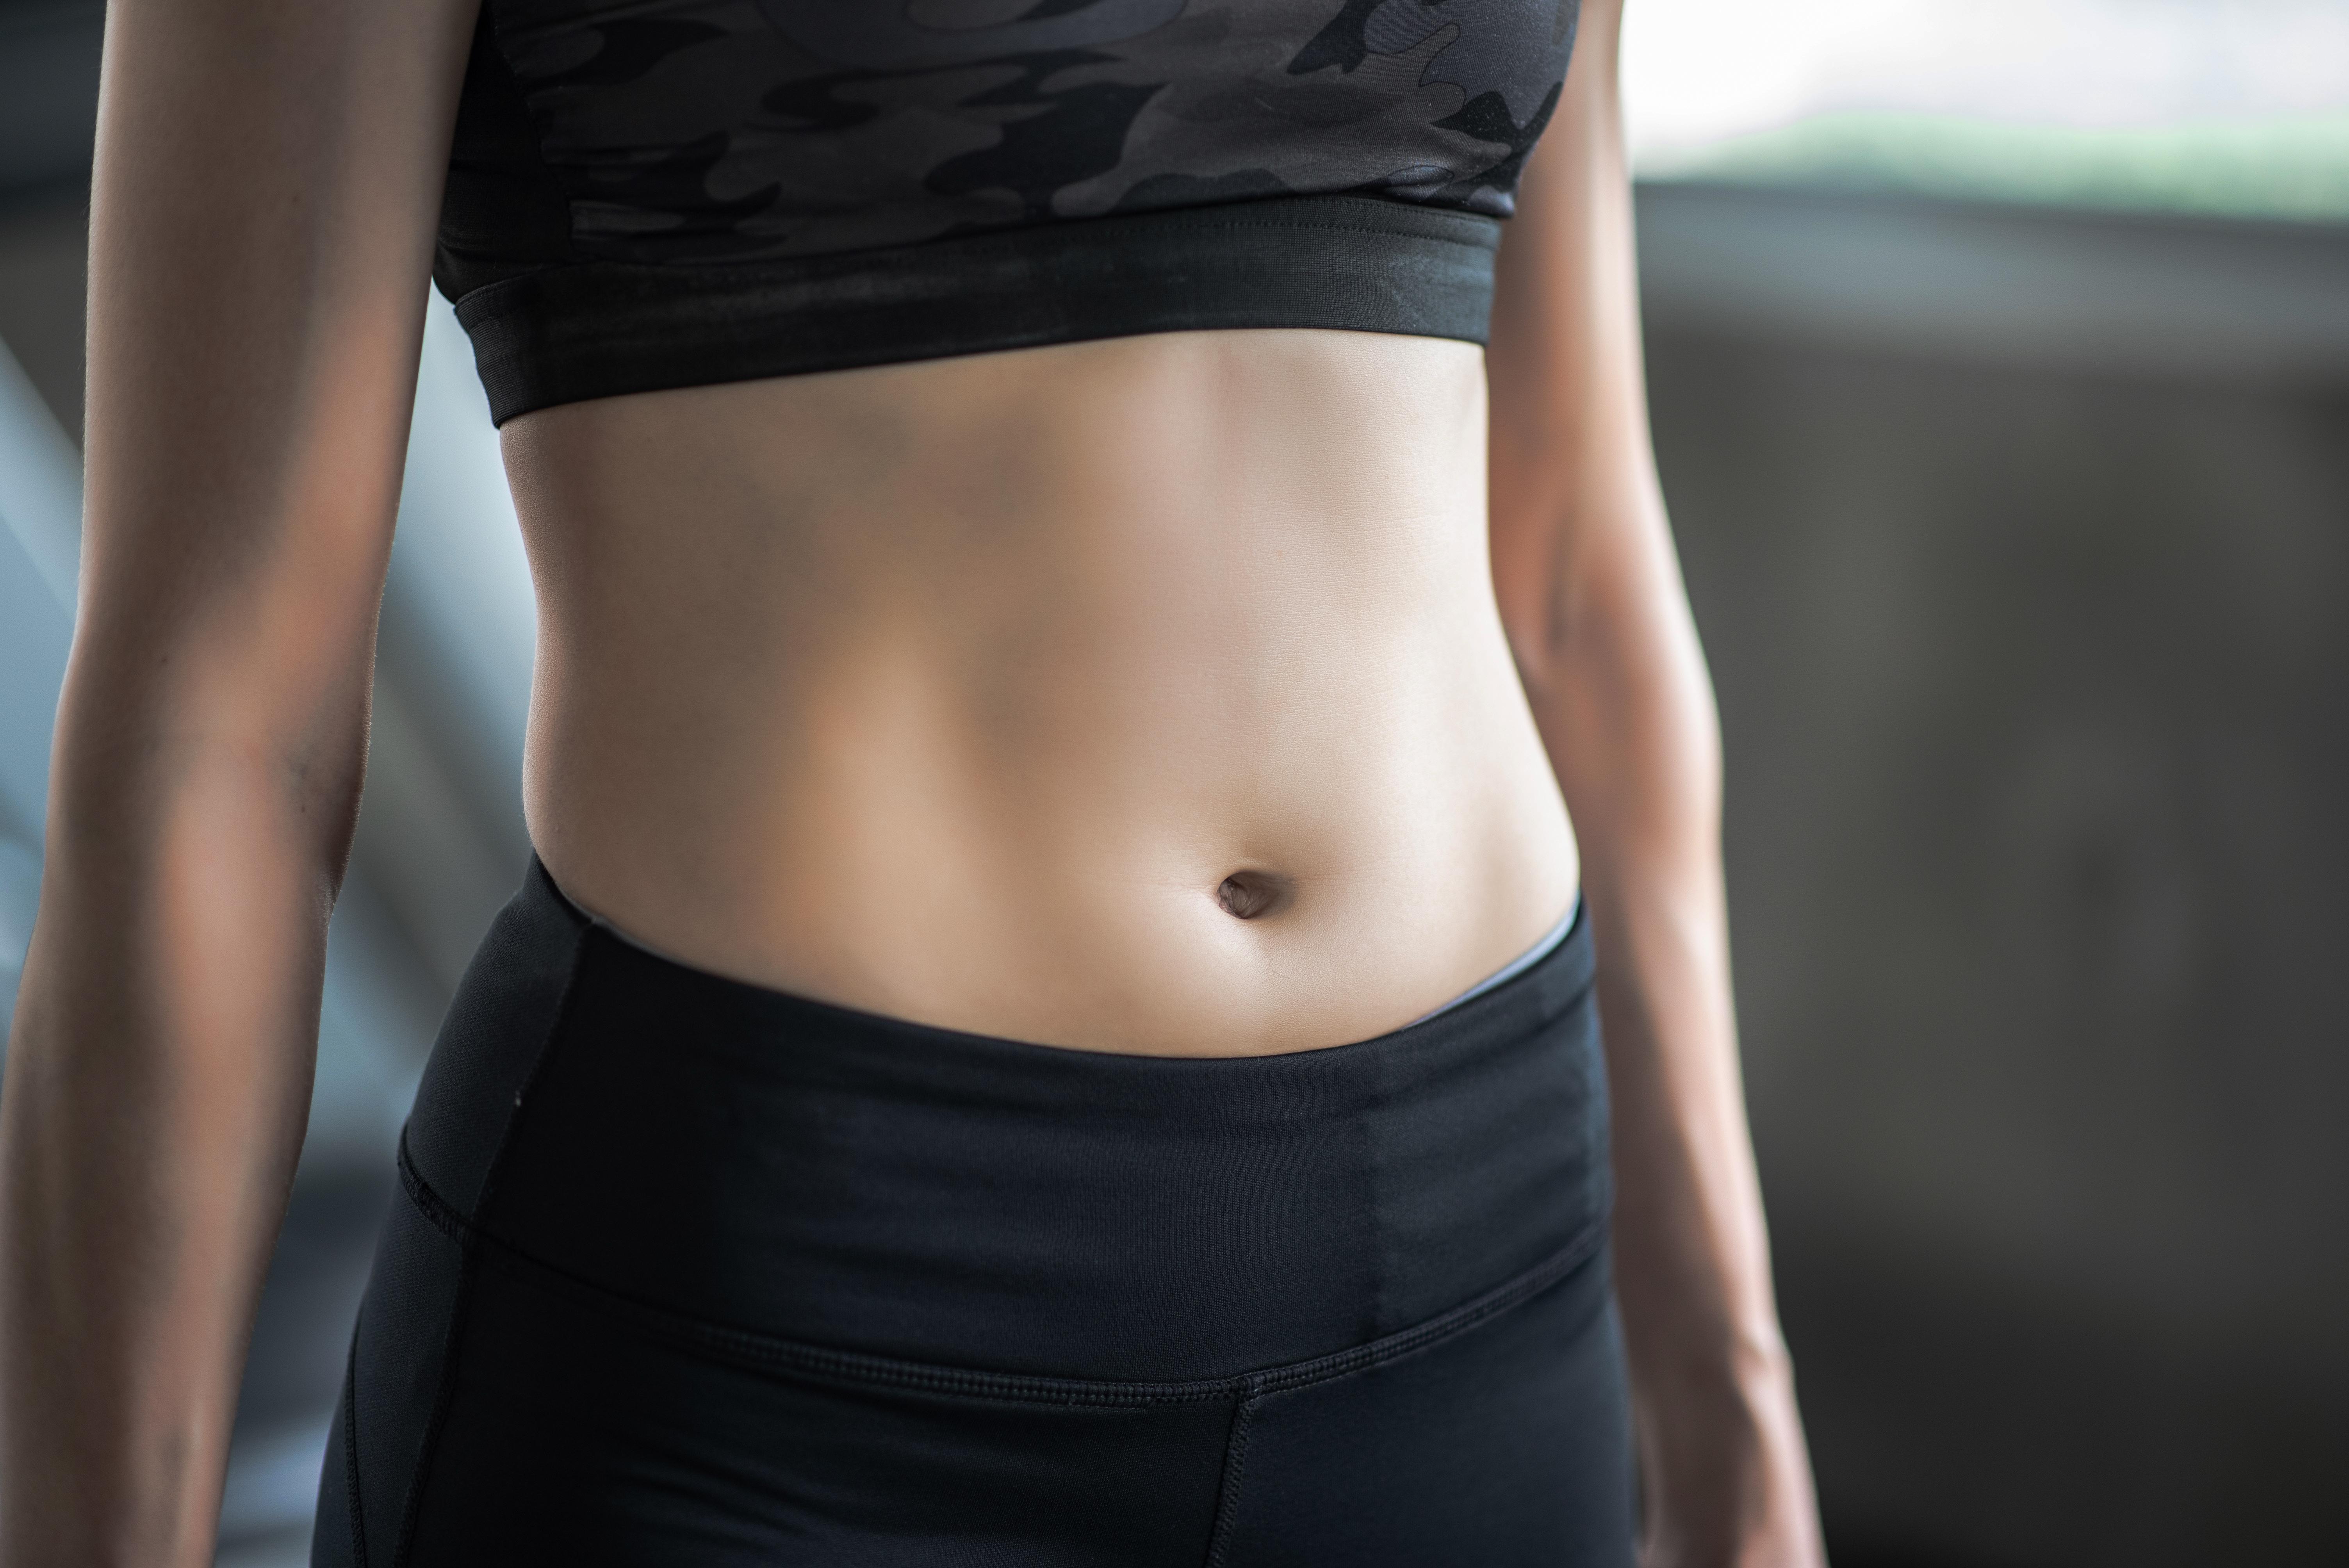 pierde 2 la sută grăsime corporală